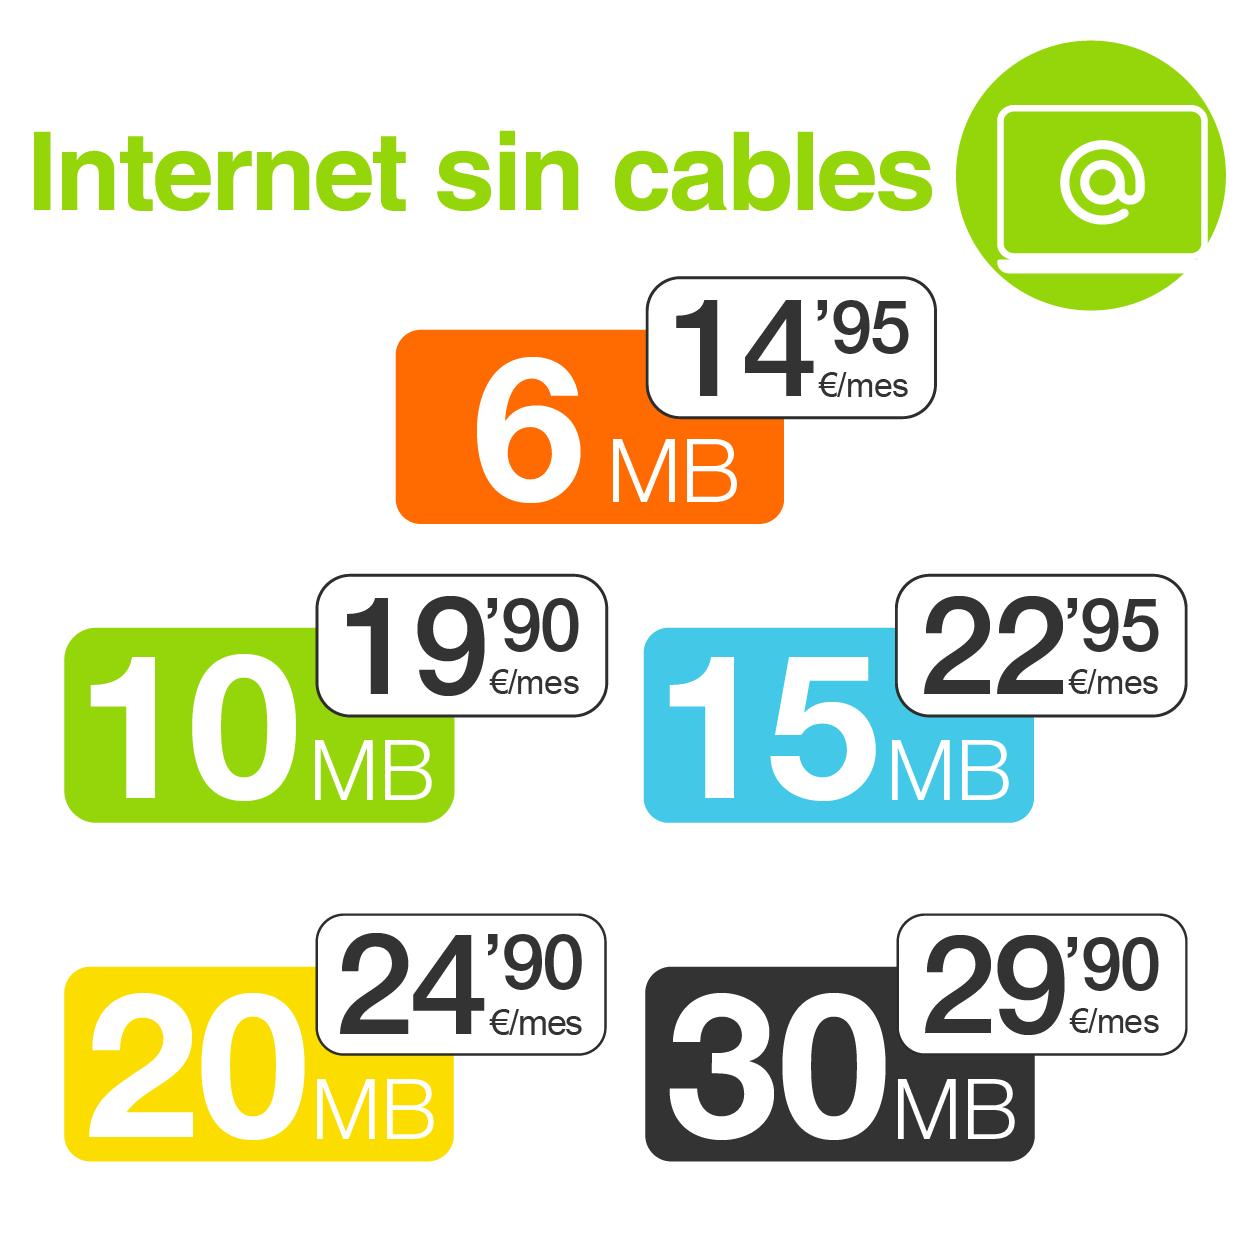 208681cf260 Internet sin cables en campo y ciudad - Blog ipo networks